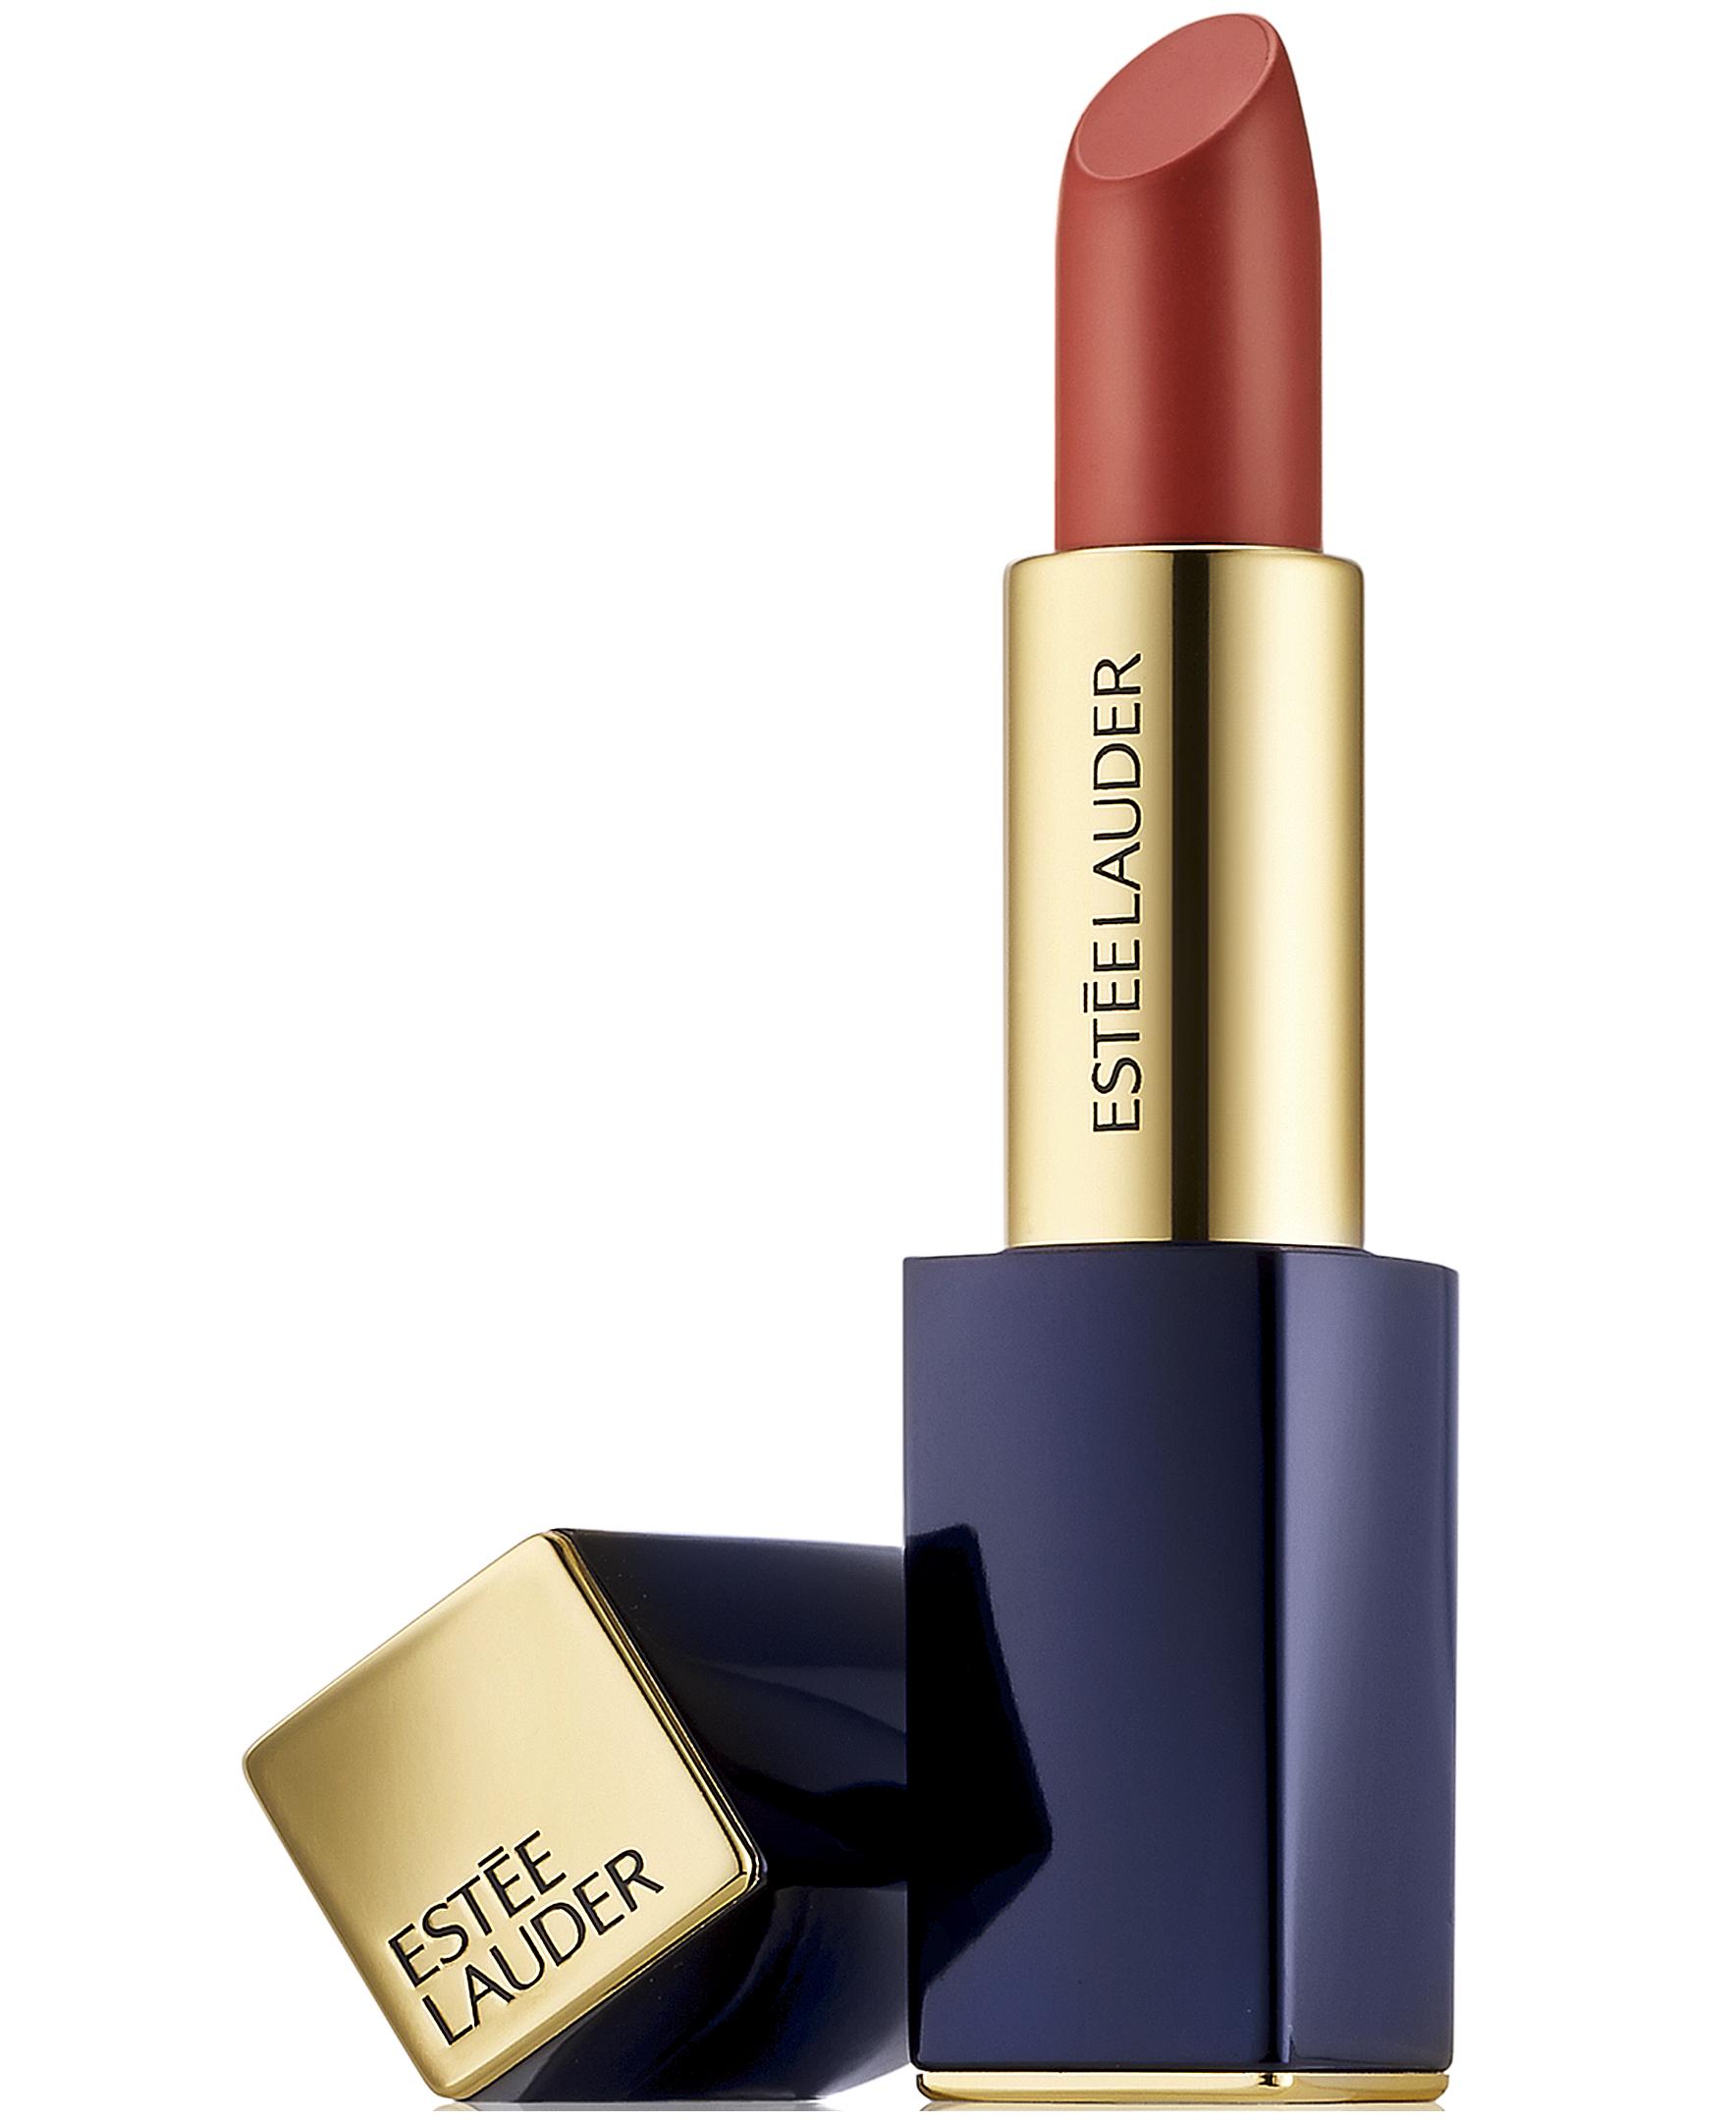 Pure Color Envy Sculpting Lipstick Fierce